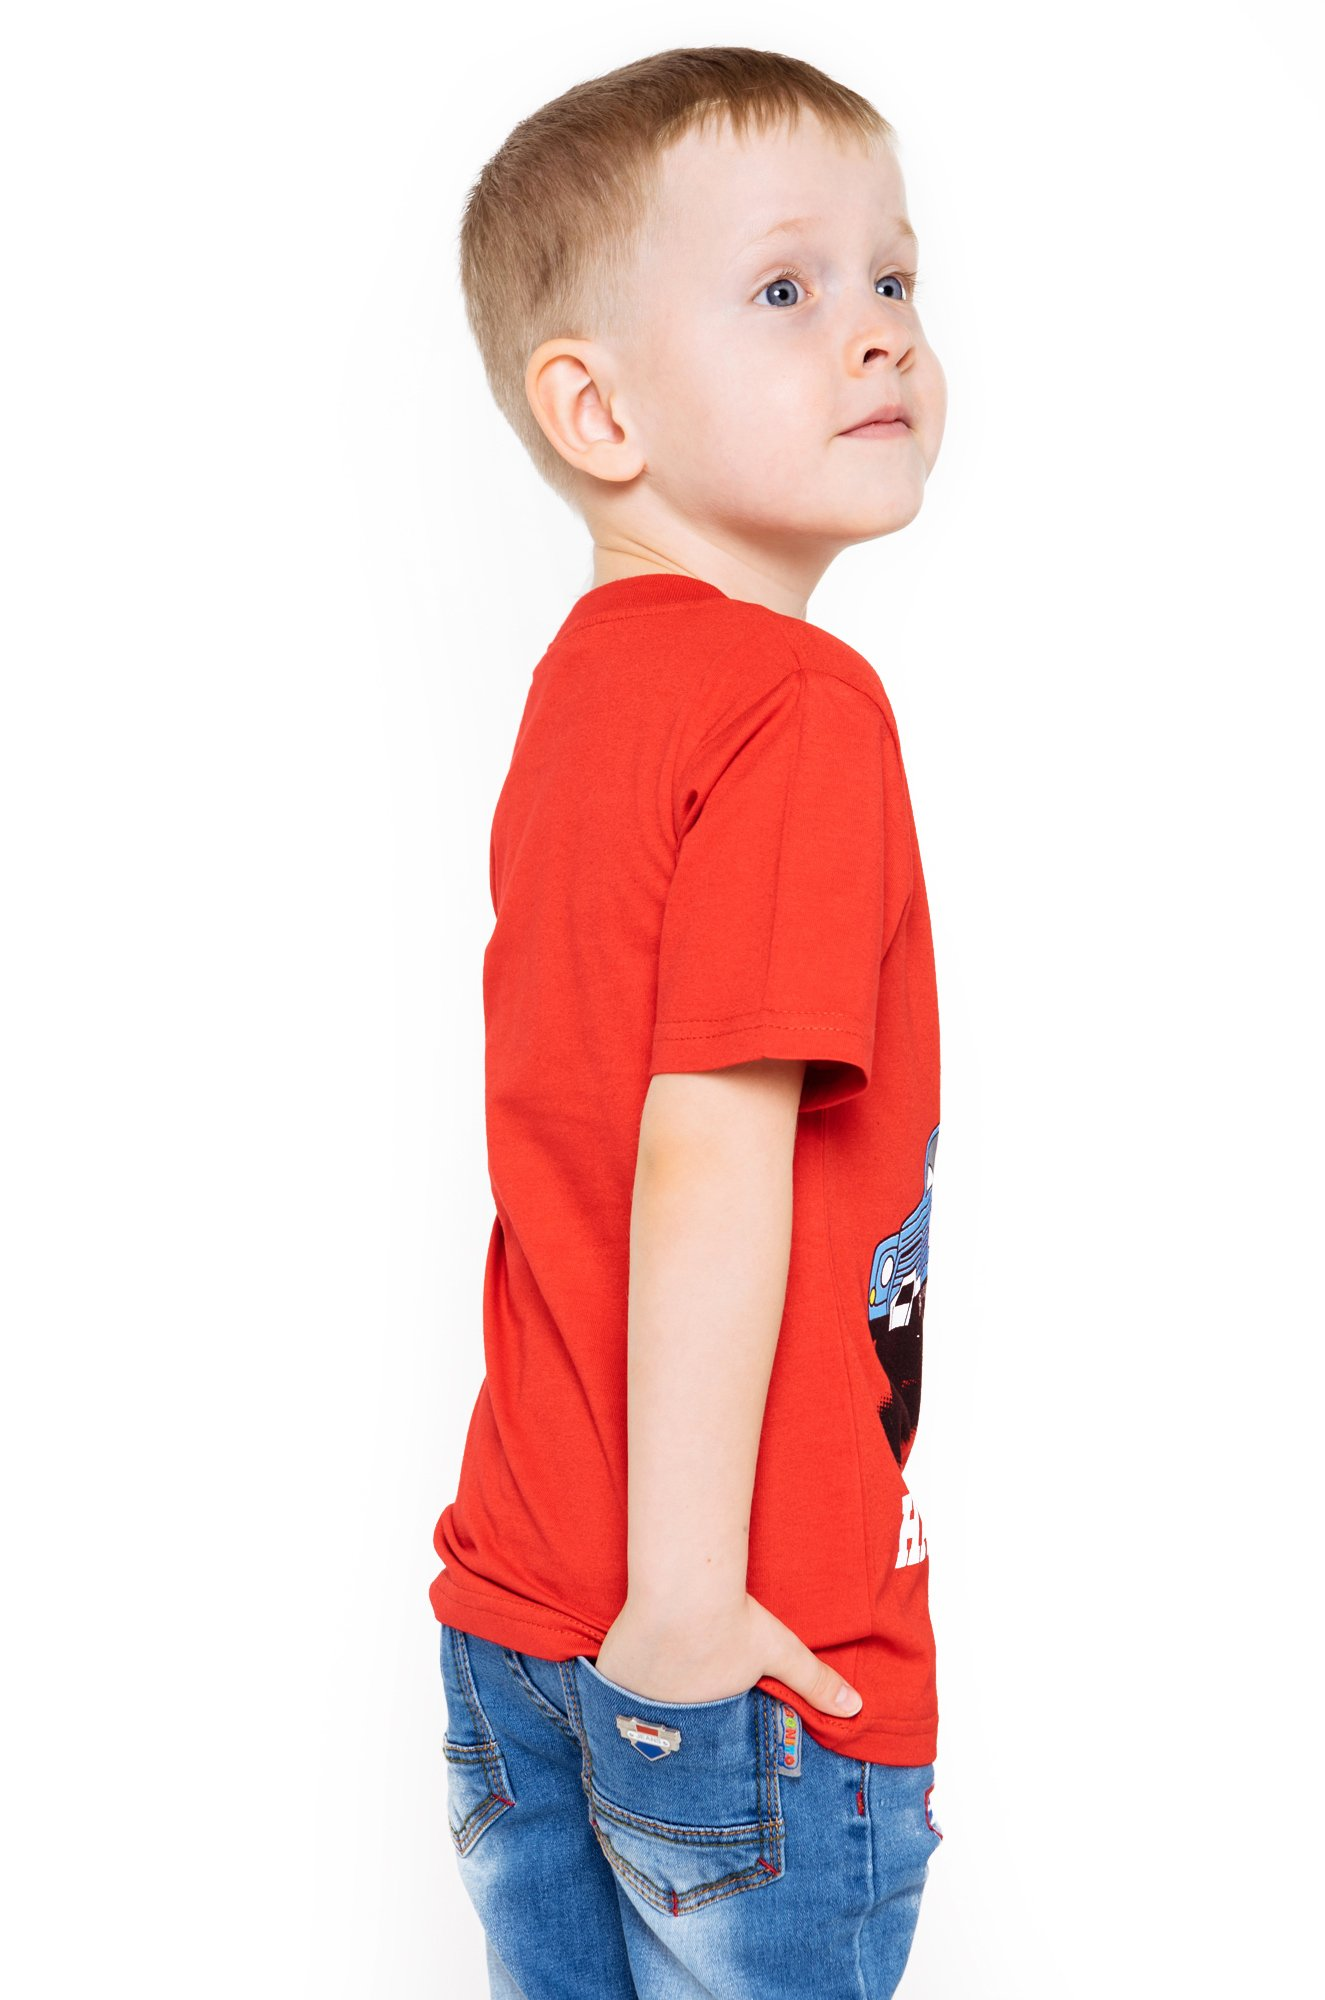 bdb26ce2cf6 Джинсы для мальчика Bonito купить оптом в интернет-магазине Happywear.ru